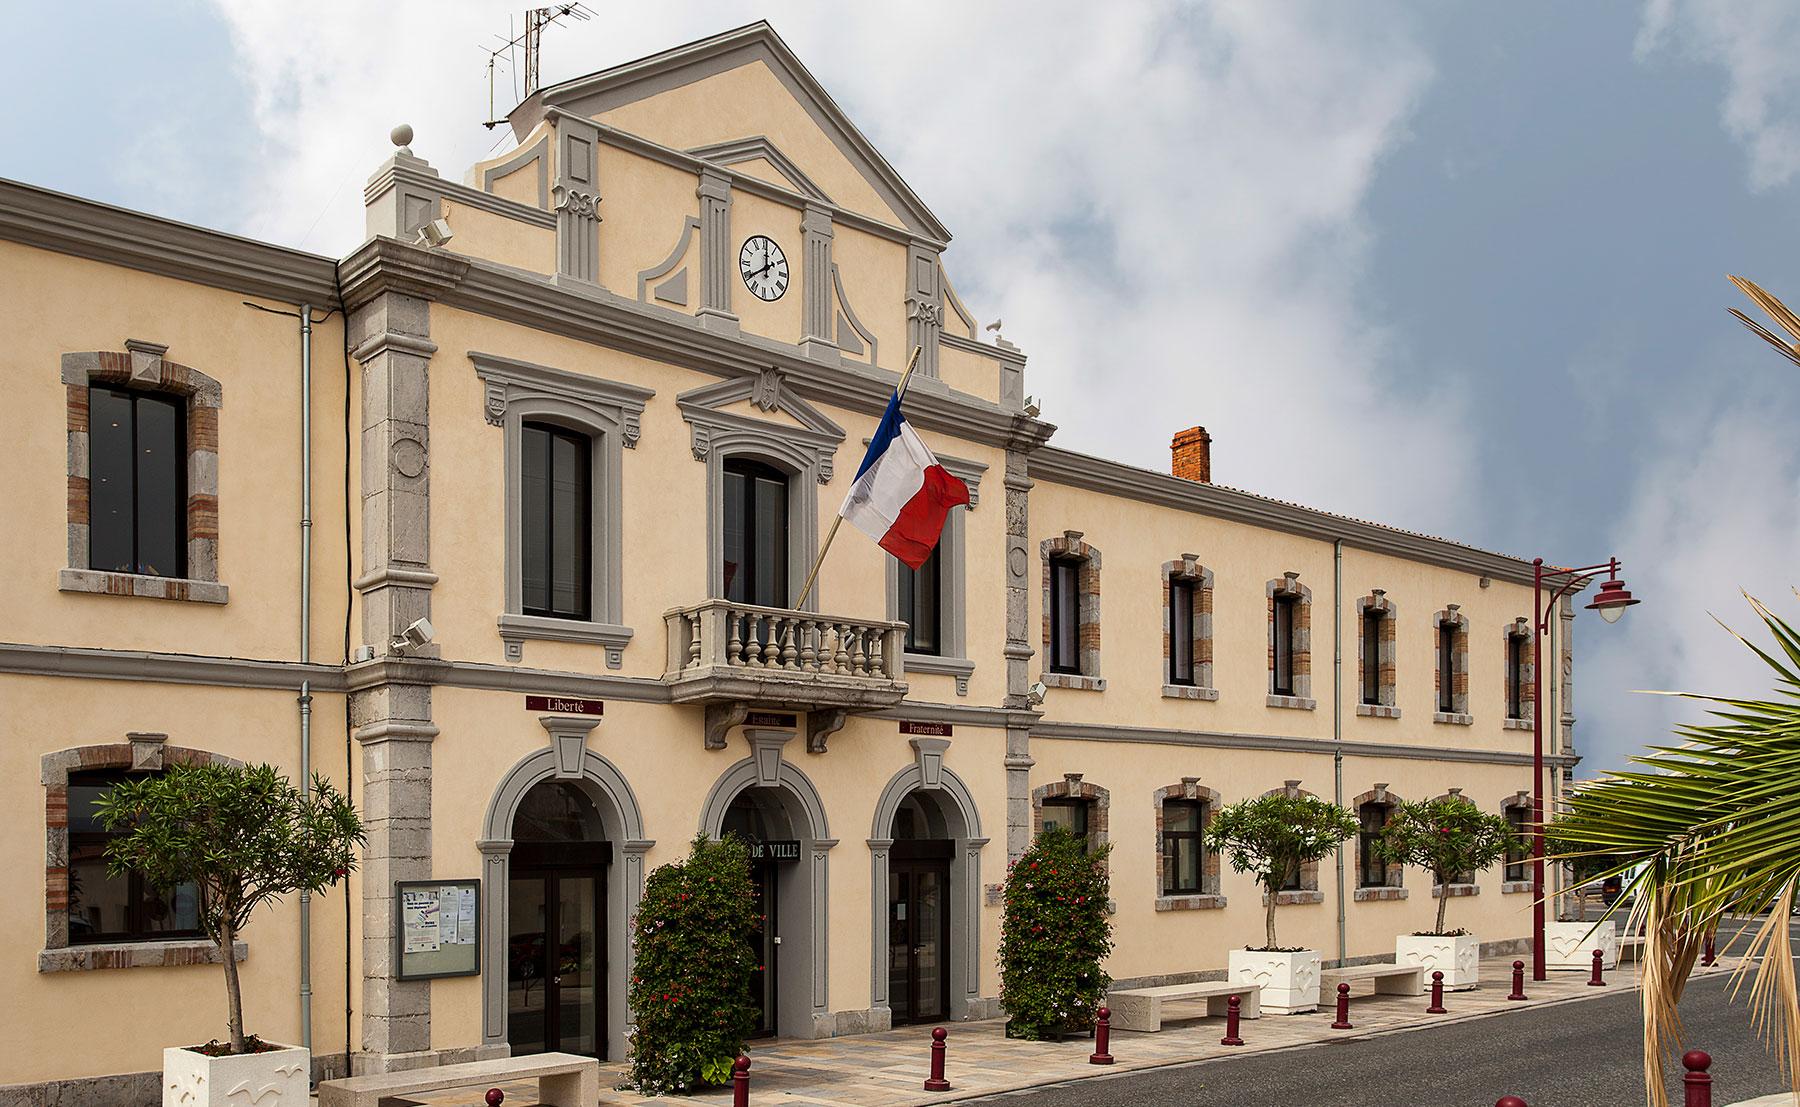 hôtel de ville de Port-la-Nouvelle